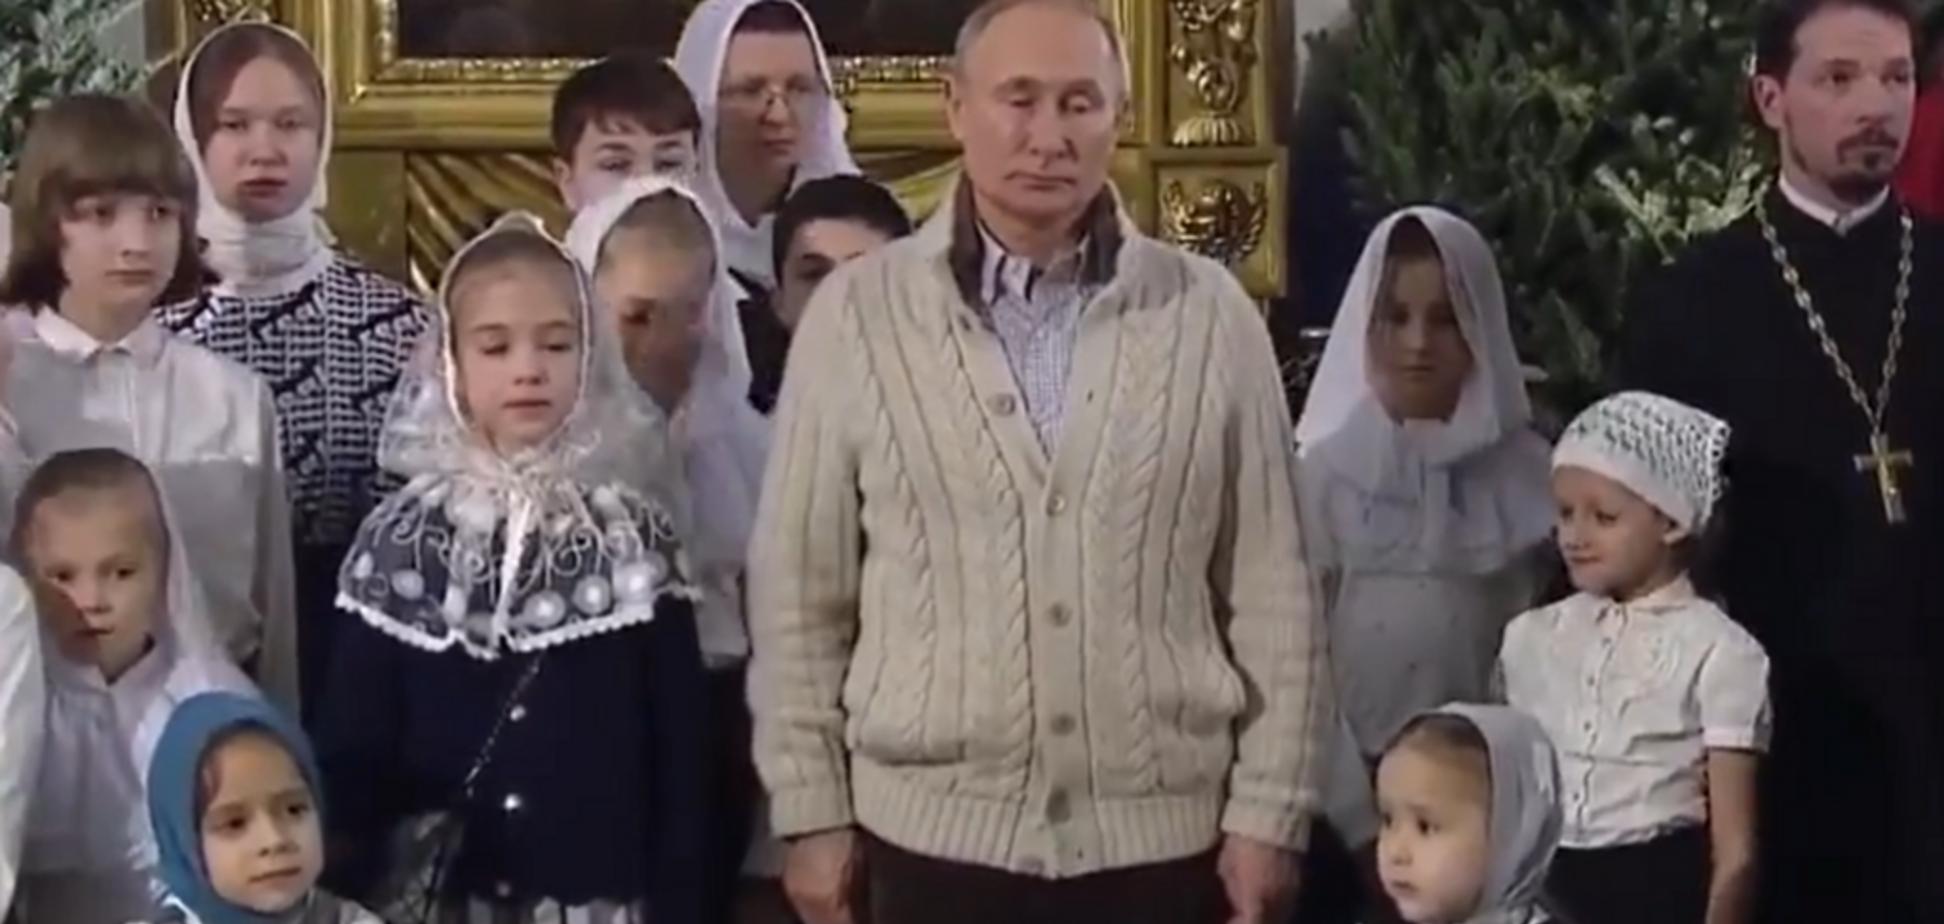 'Как на своих поминках': сеть разгромила 'рождественское лицемерие' Путина в окружении детей